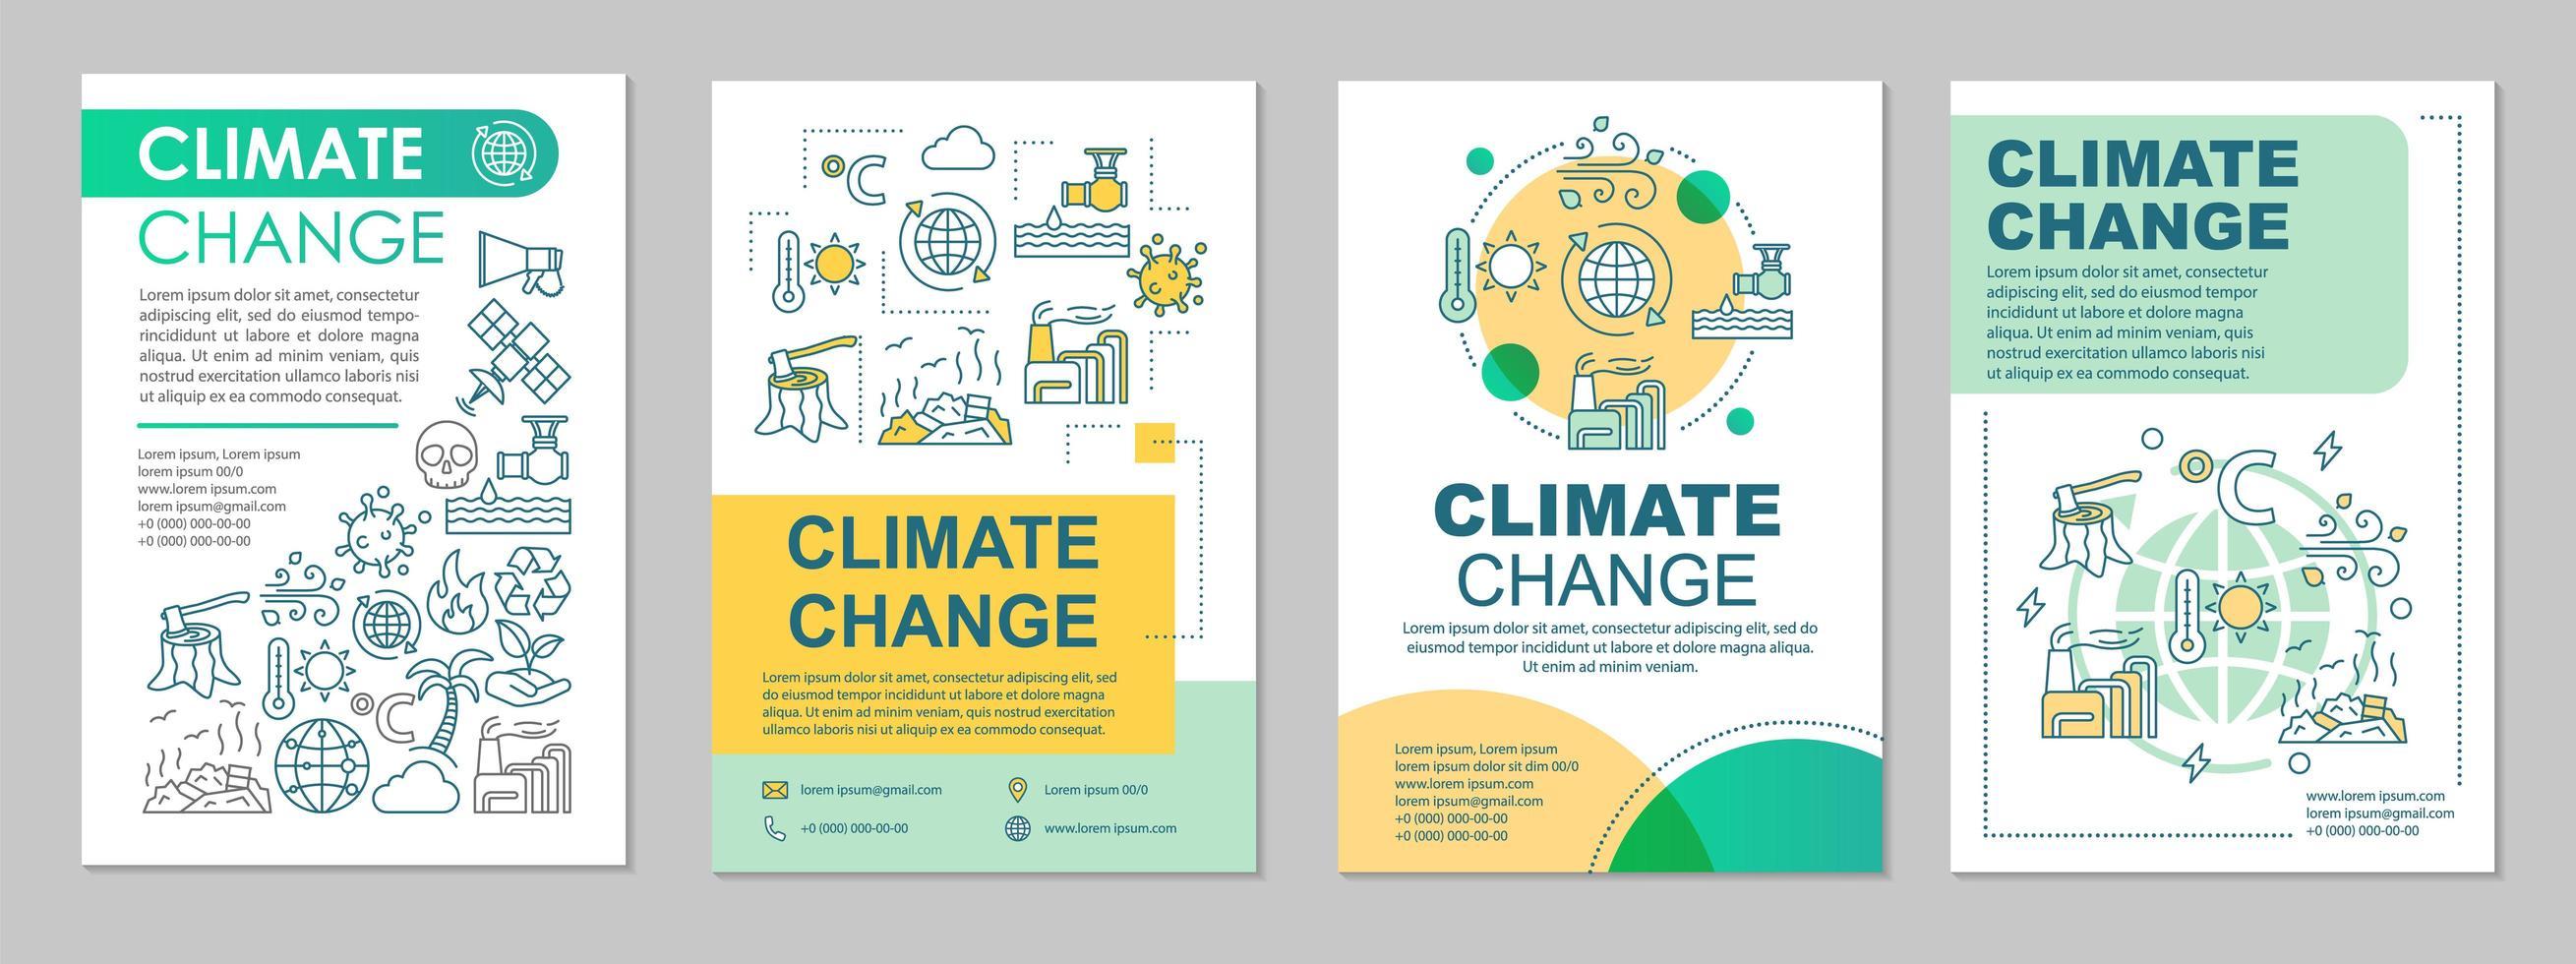 klimaatverandering brochure sjabloon lay-out vector